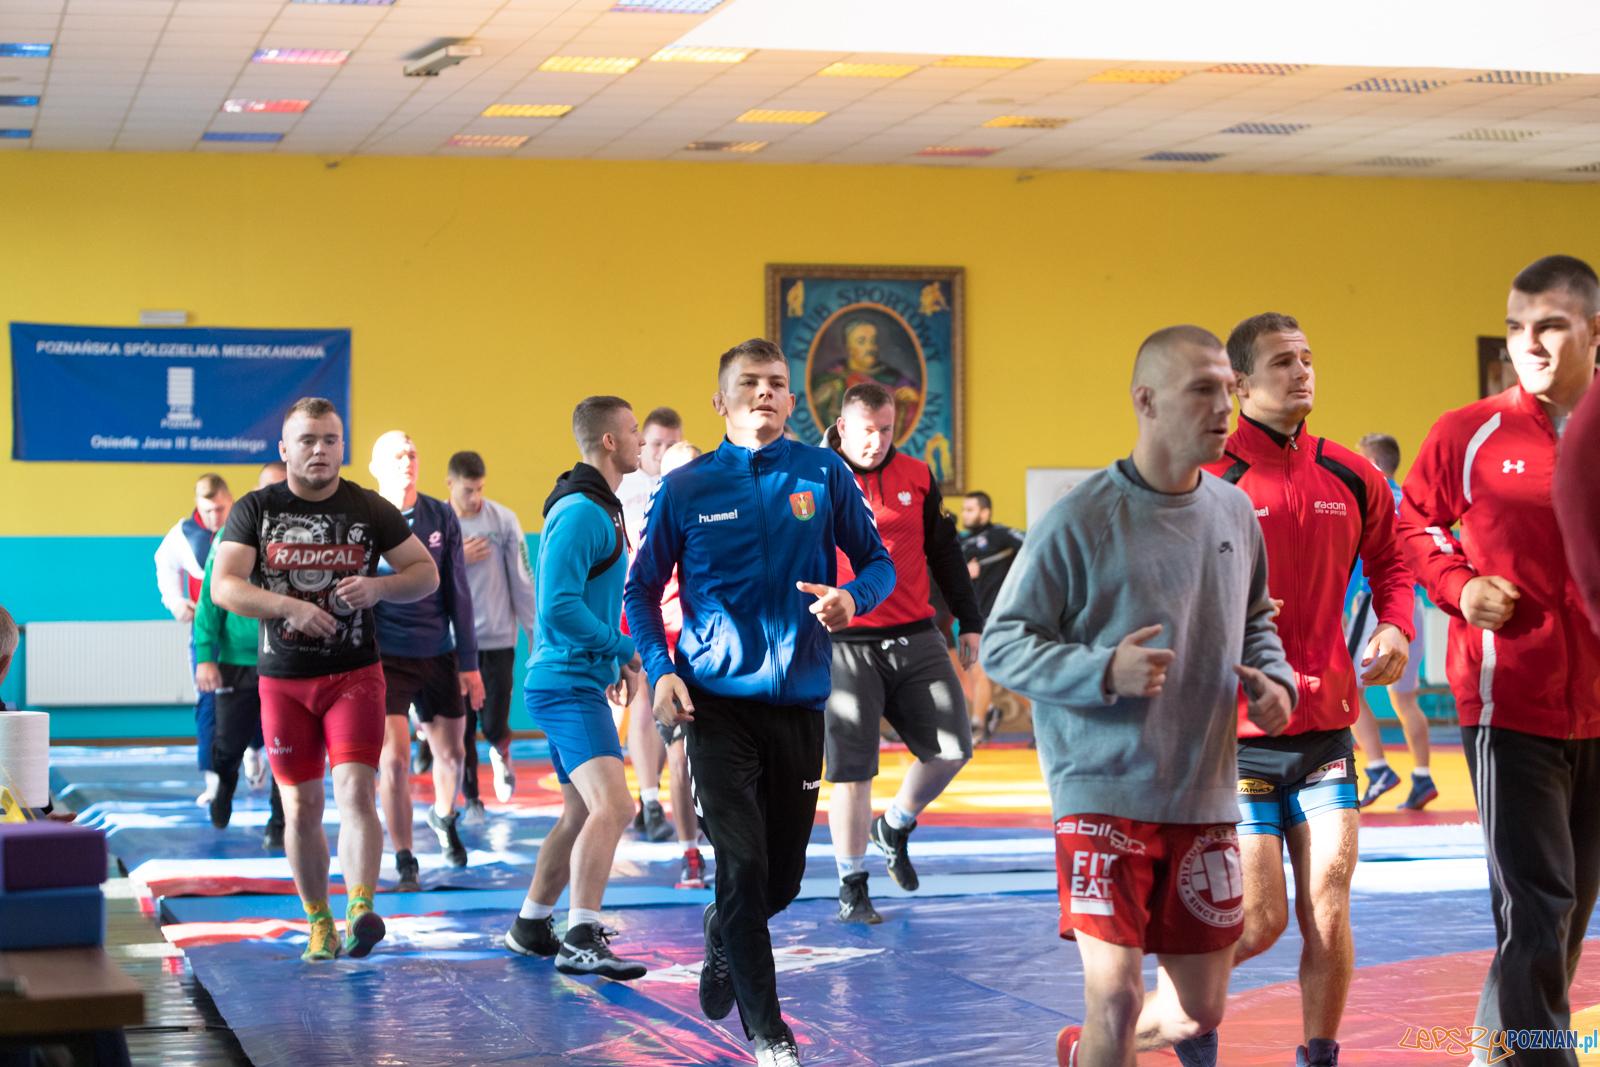 Młodzieżowe Mistrzostwa Polski Zapasy Styl Klasyczny  Foto: lepszyPOZNAN.pl/Piotr Rychter